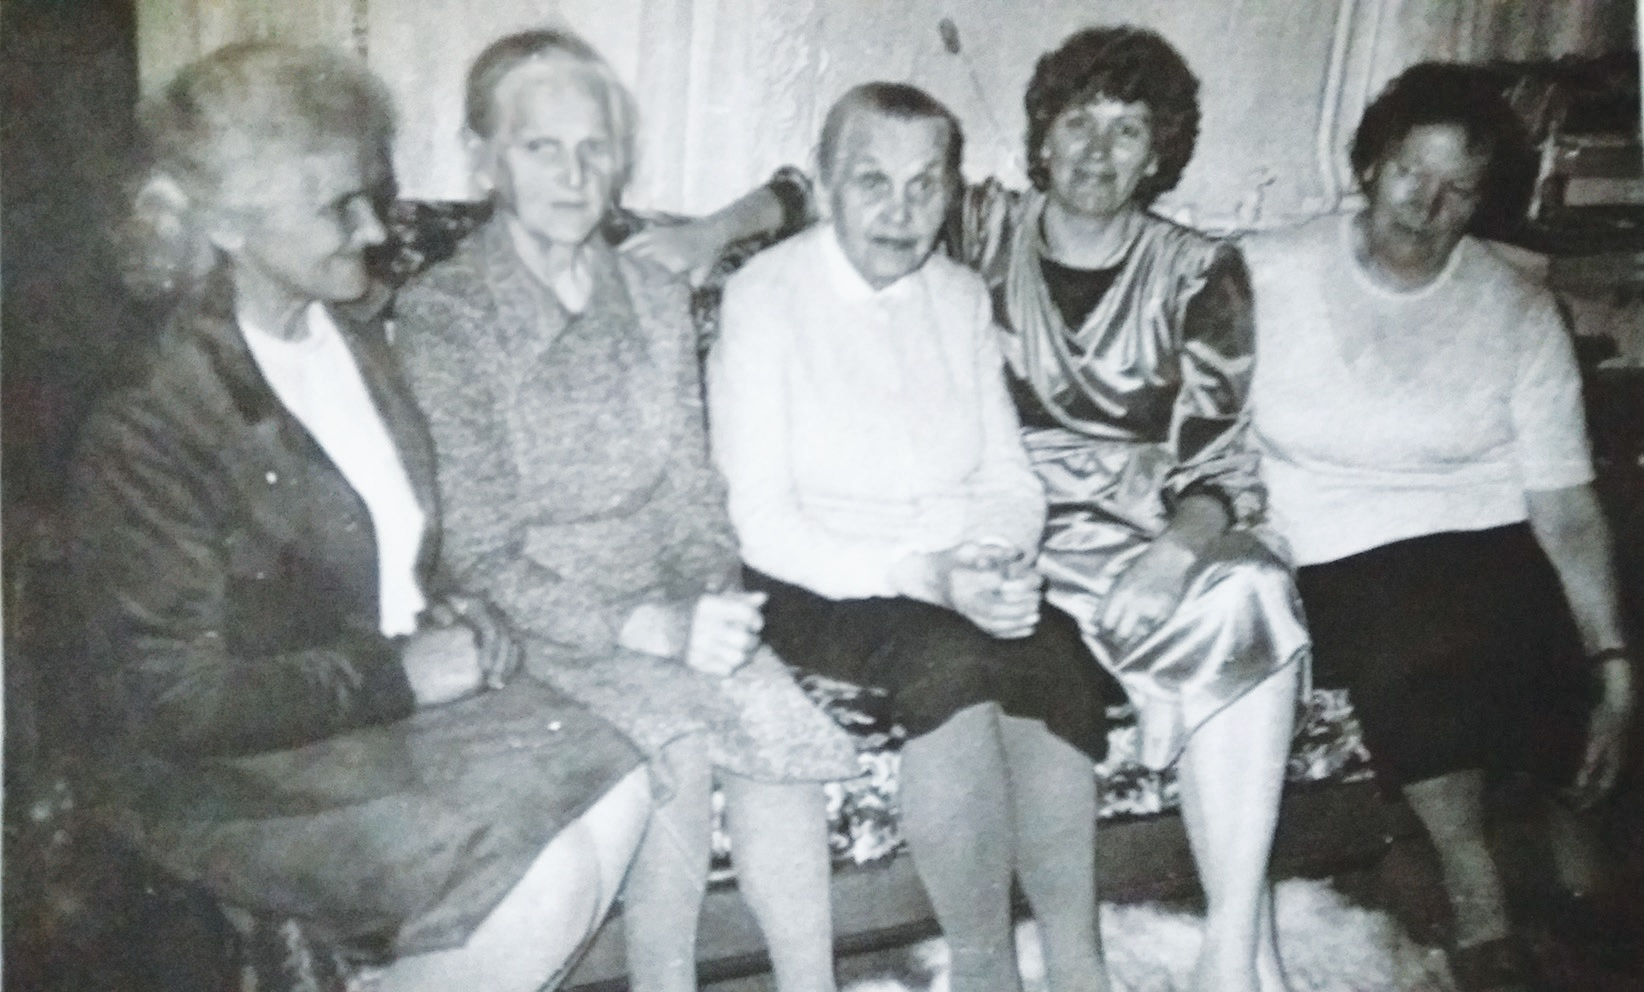 Gydytoja Teklė Bružaitė seserų ir dukterėčių apsuptyje. / Asmeninio archyvo nuotr.